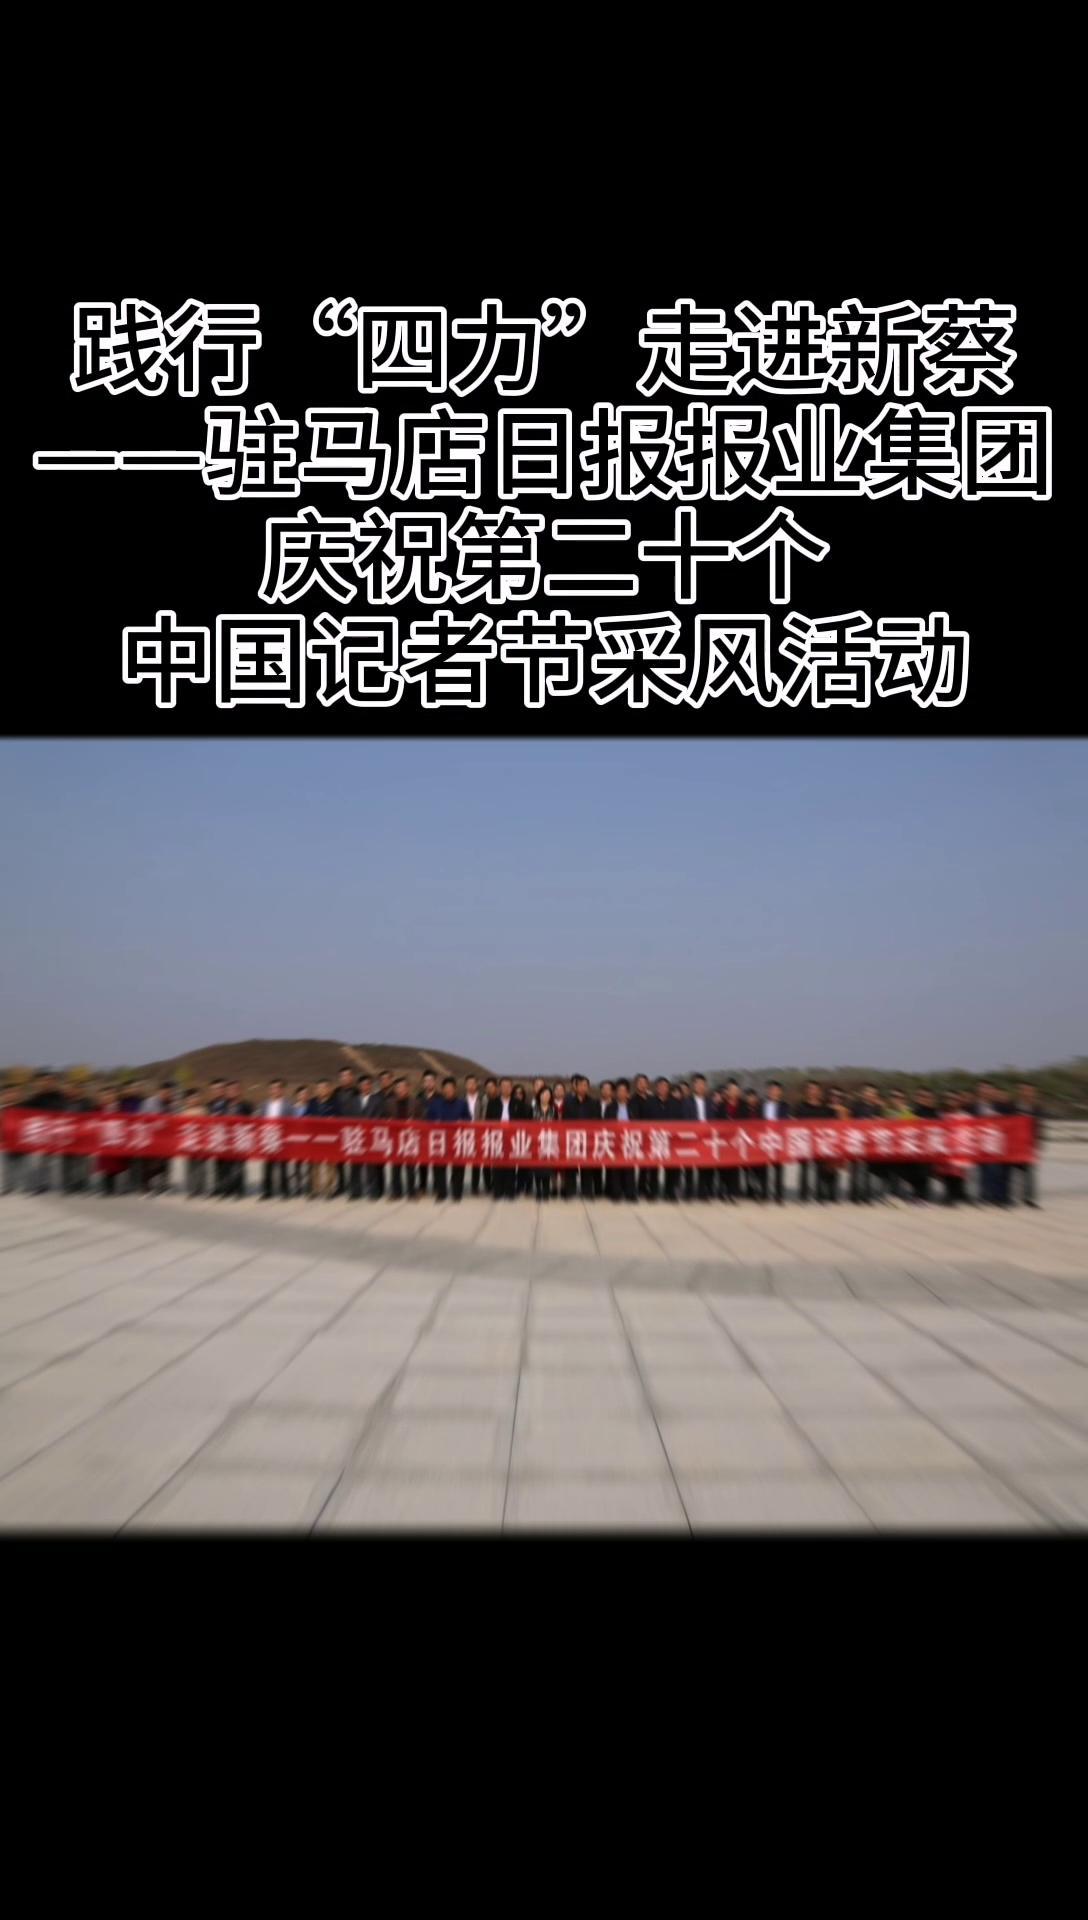 """践行""""四力""""走进新蔡——驻马店日报报业集团庆祝第二十个中国记者节采风活动"""